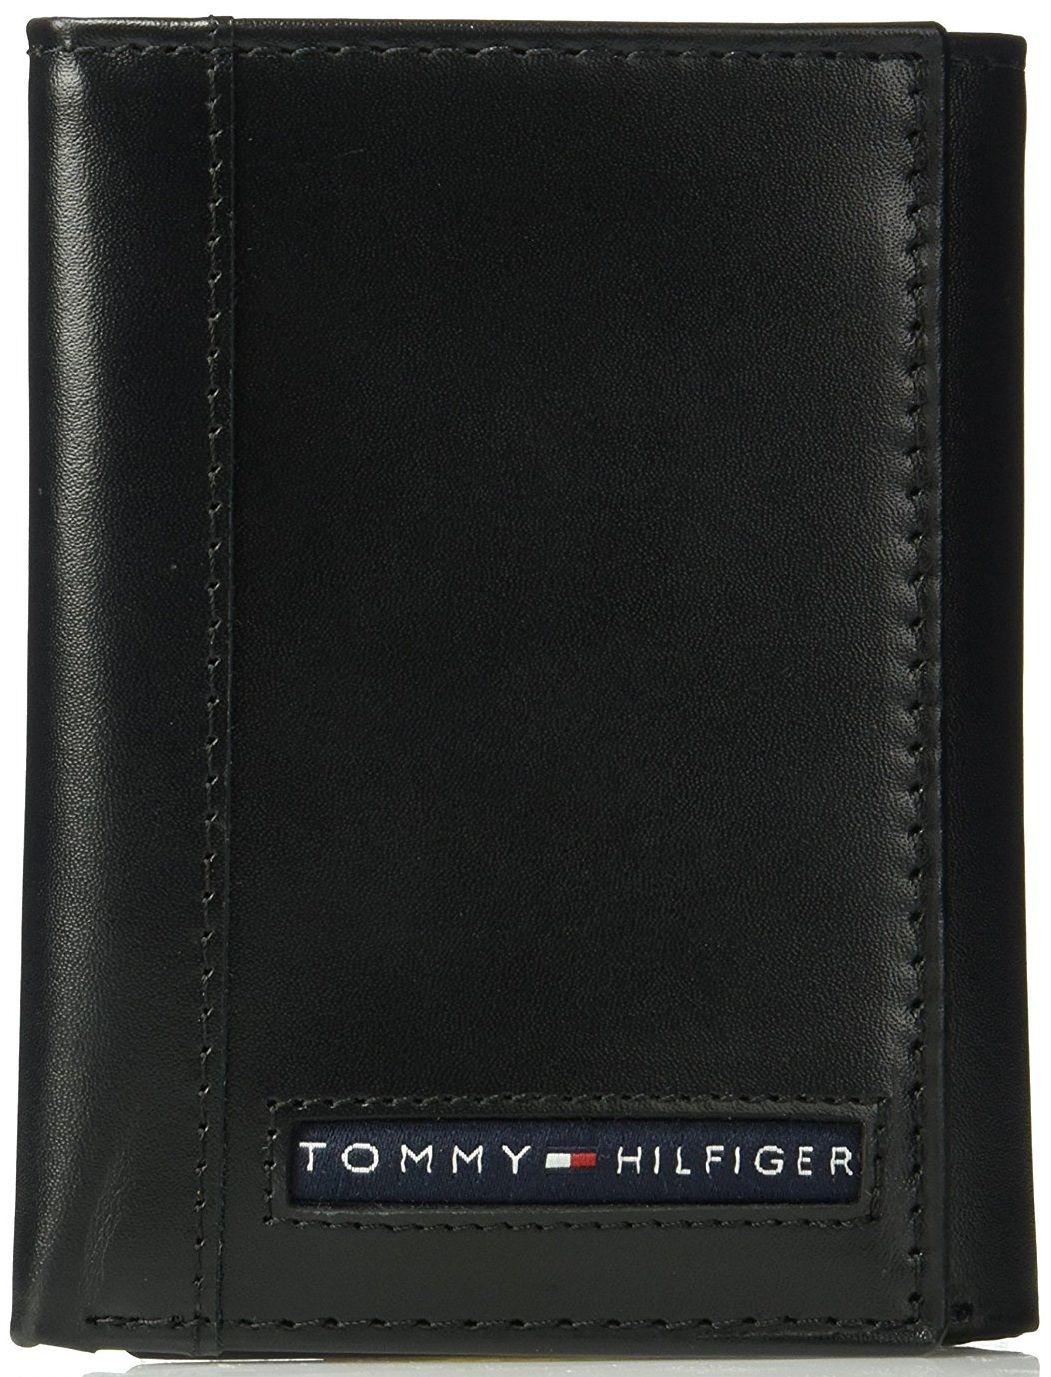 Thiết kế ví đơn giản không cầu kỳ nhưng luôn toát lên vẻ lịch lãm, sang trọng